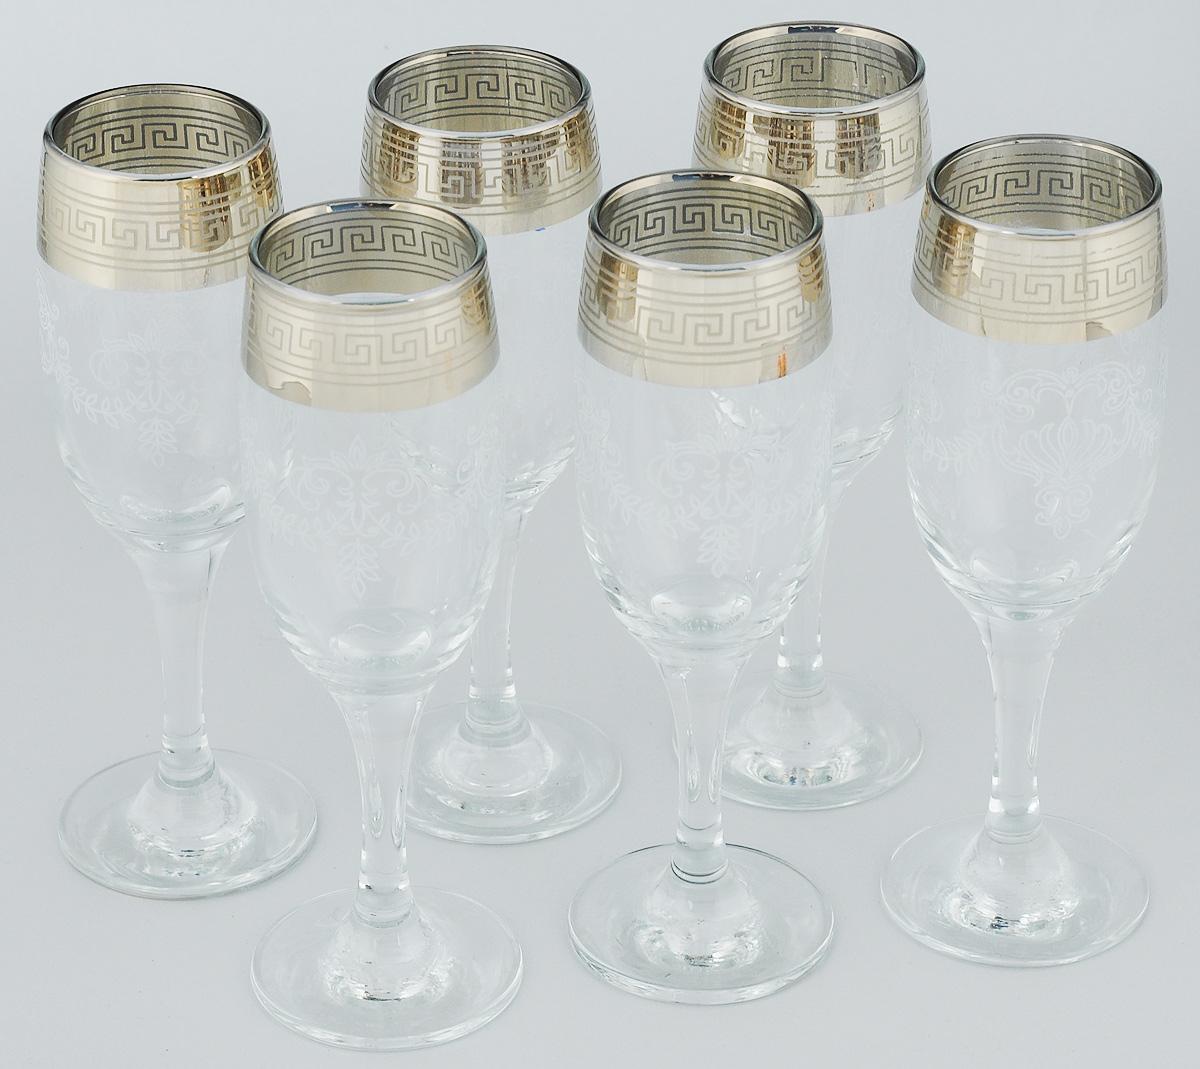 """Набор Гусь-Хрустальный """"Гармония"""" состоит из шести бокалов, выполненных из прочного натрий-кальций-силикатного стекла. Изящные бокалы на высоких  ножках, декорированные золотистым орнаментом и окантовкой, прекрасно подойдут для подачи шампанского. Они излучают приятный блеск и издают мелодичный звон. Бокалы сочетают в себе элегантный дизайн и функциональность. Благодаря такому набору пить напитки будет еще вкуснее. Набор бокалов Гусь-Хрустальный """"Гармония"""" прекрасно оформит праздничный стол и создаст приятную атмосферу за романтическим ужином. Такой набор также  станет хорошим подарком к любому случаю. Диаметр бокала (по верхнему краю): 5 см.Высота бокала: 19,5 см.Диаметр основания: 6,3 см."""